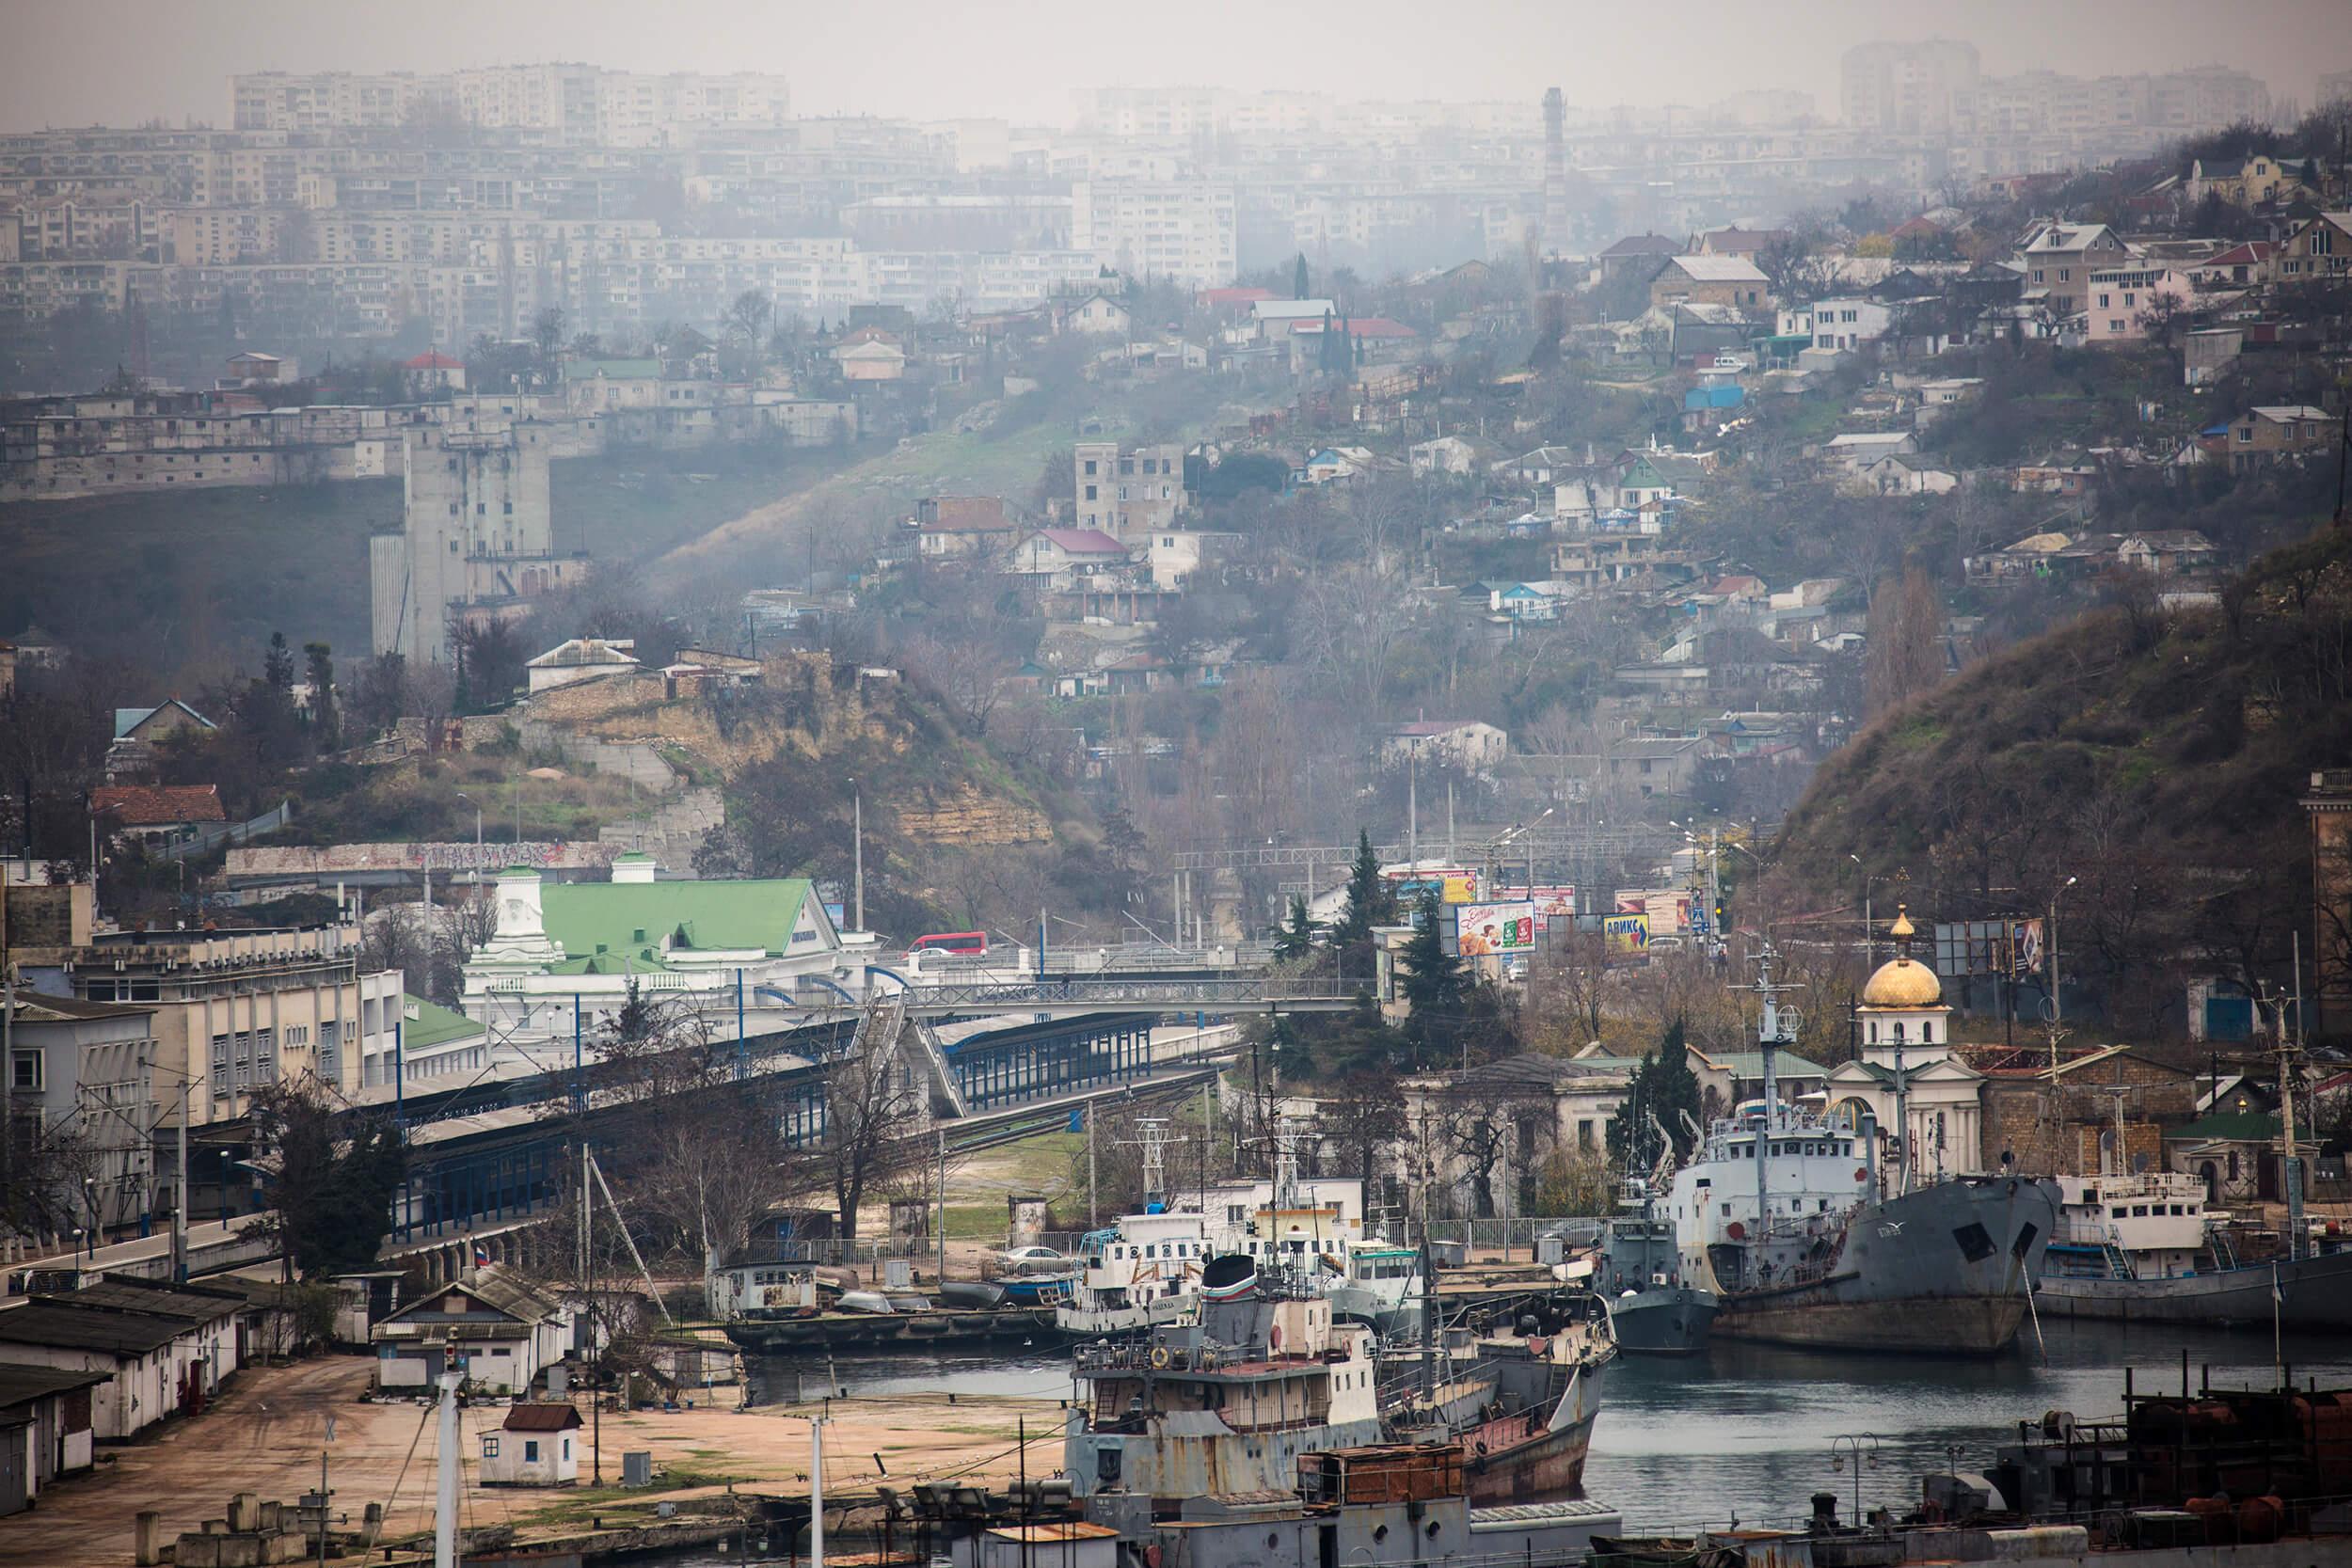 The city of Sevastopol in the Crimea.